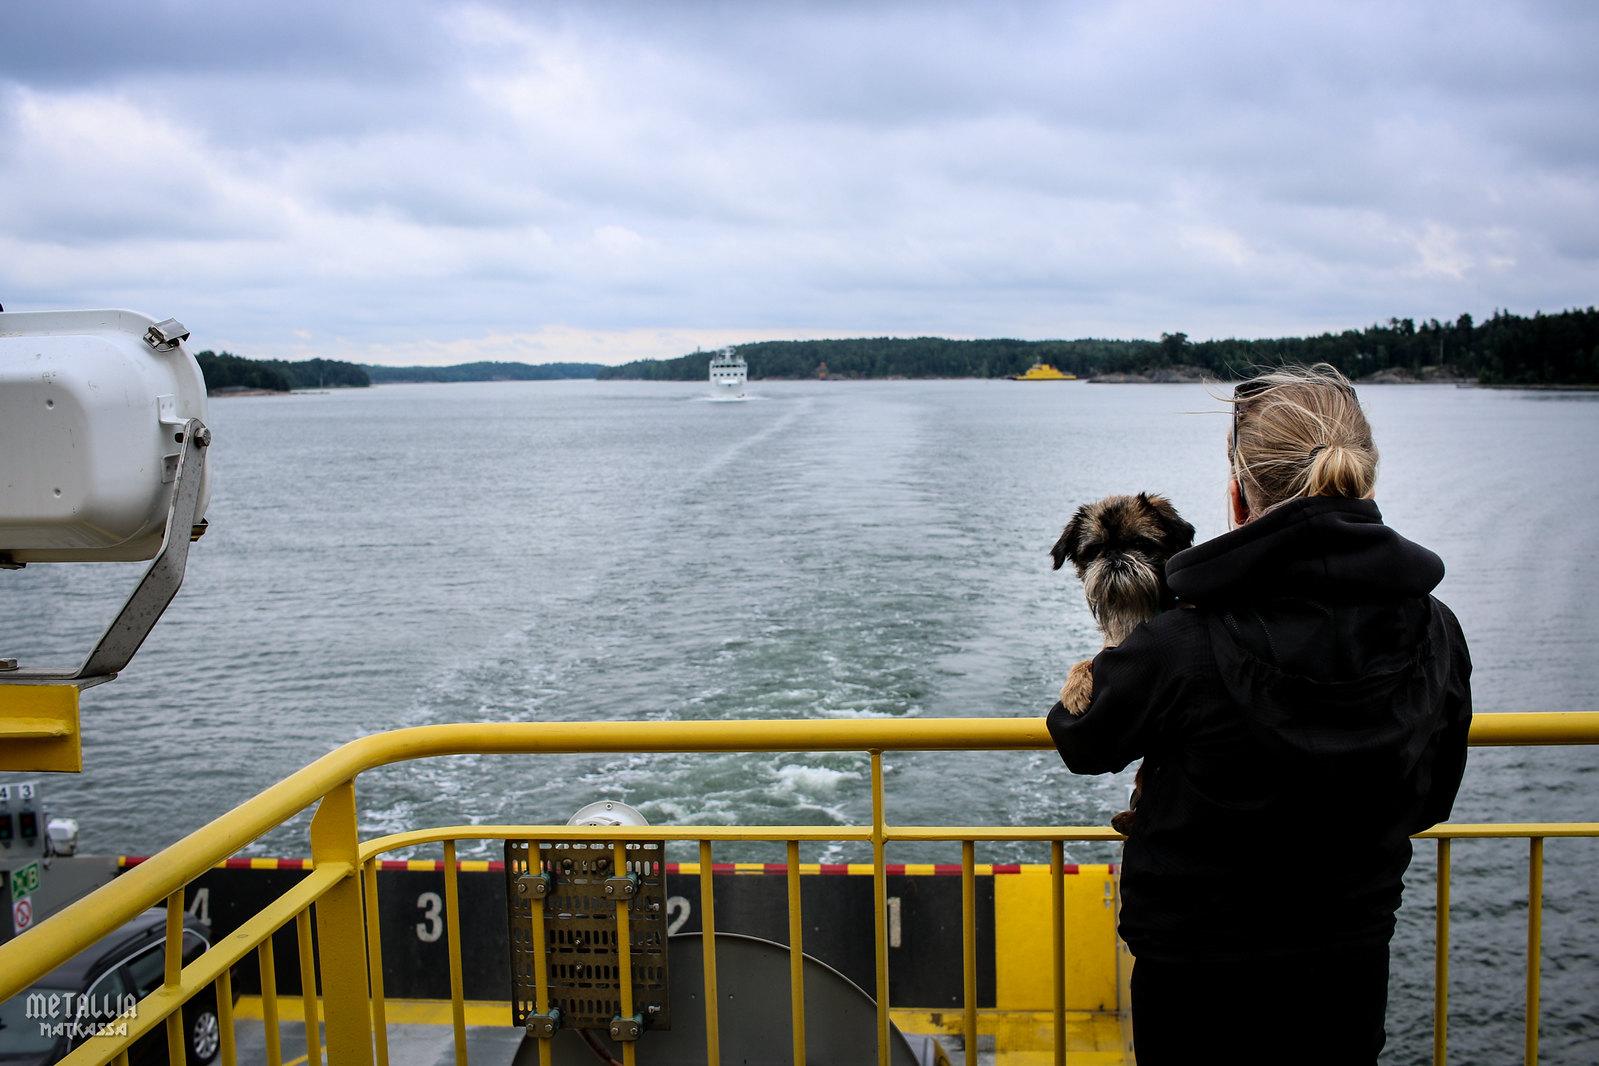 saariston rengastie, autolla saariston rengastiellä, koiran kanssa matkustaminen